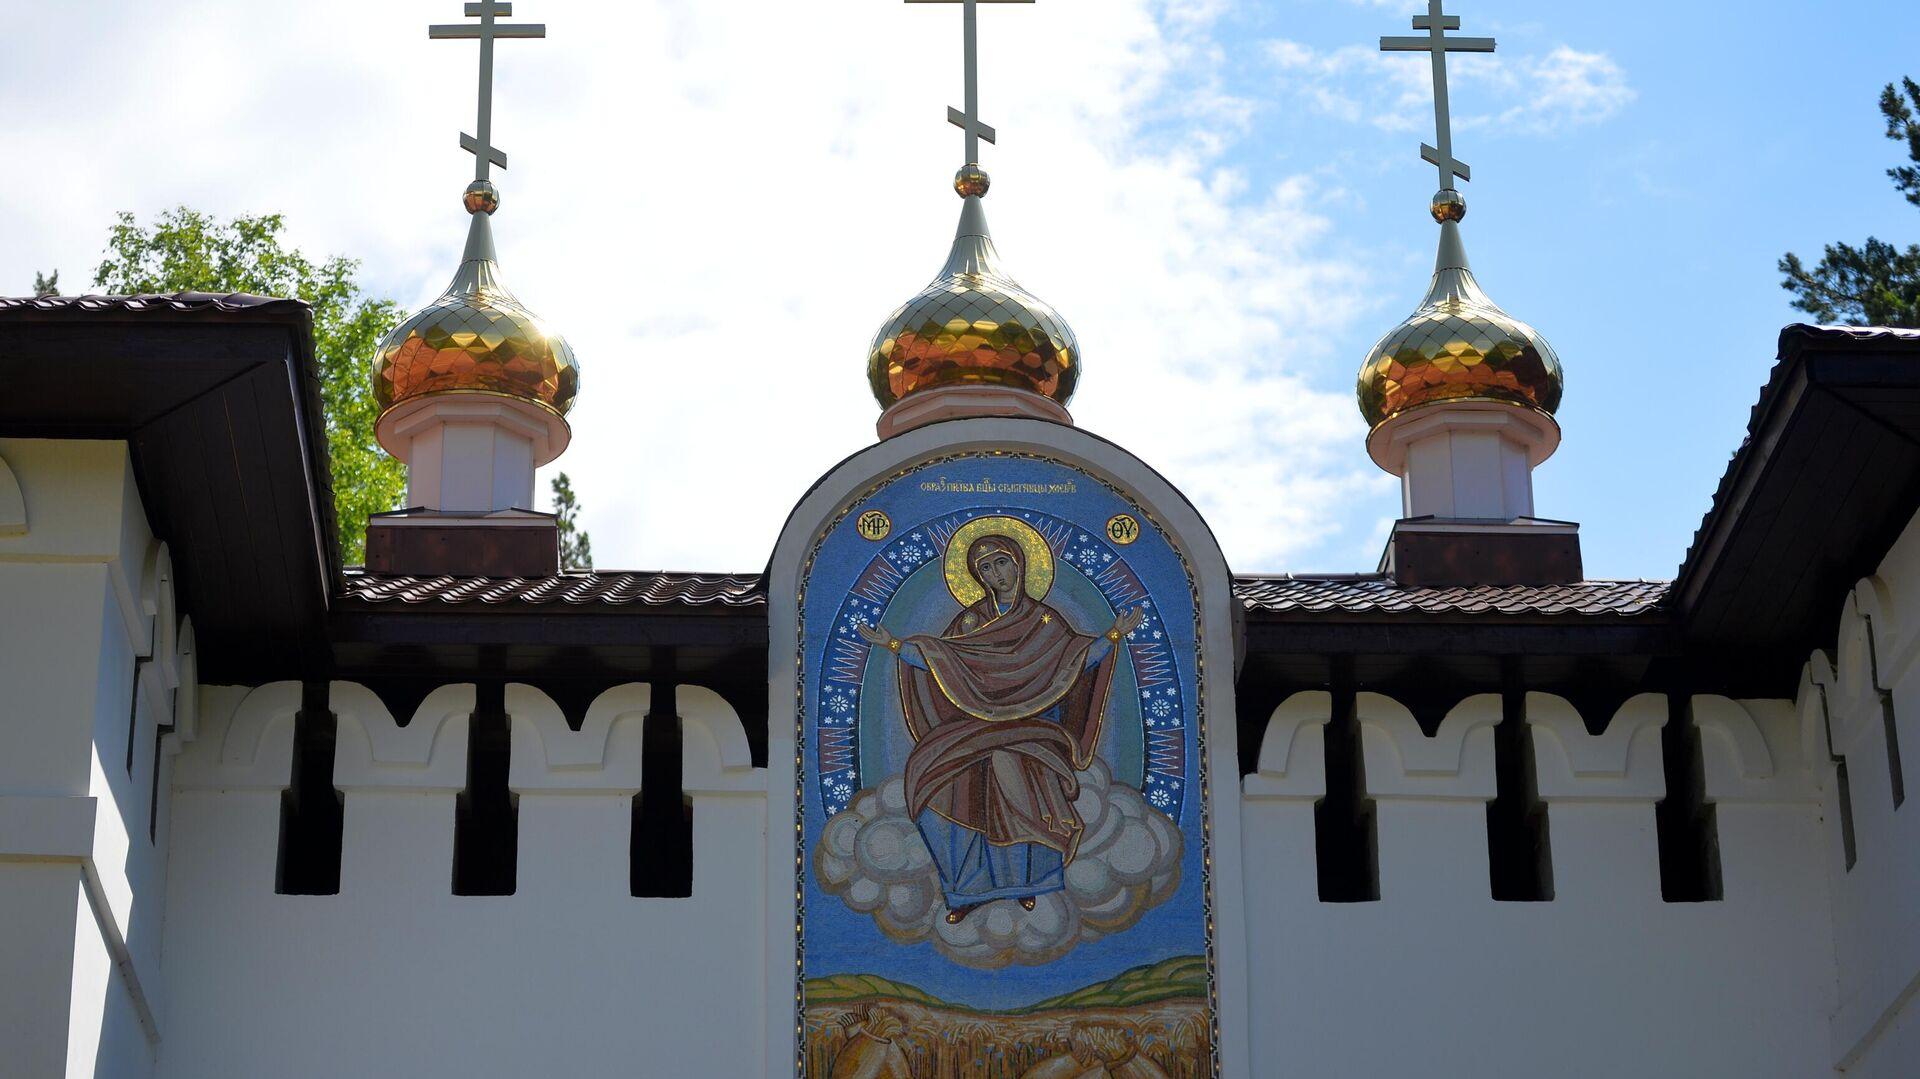 Среднеуральский женский монастырь в Свердловской области - РИА Новости, 1920, 04.07.2020